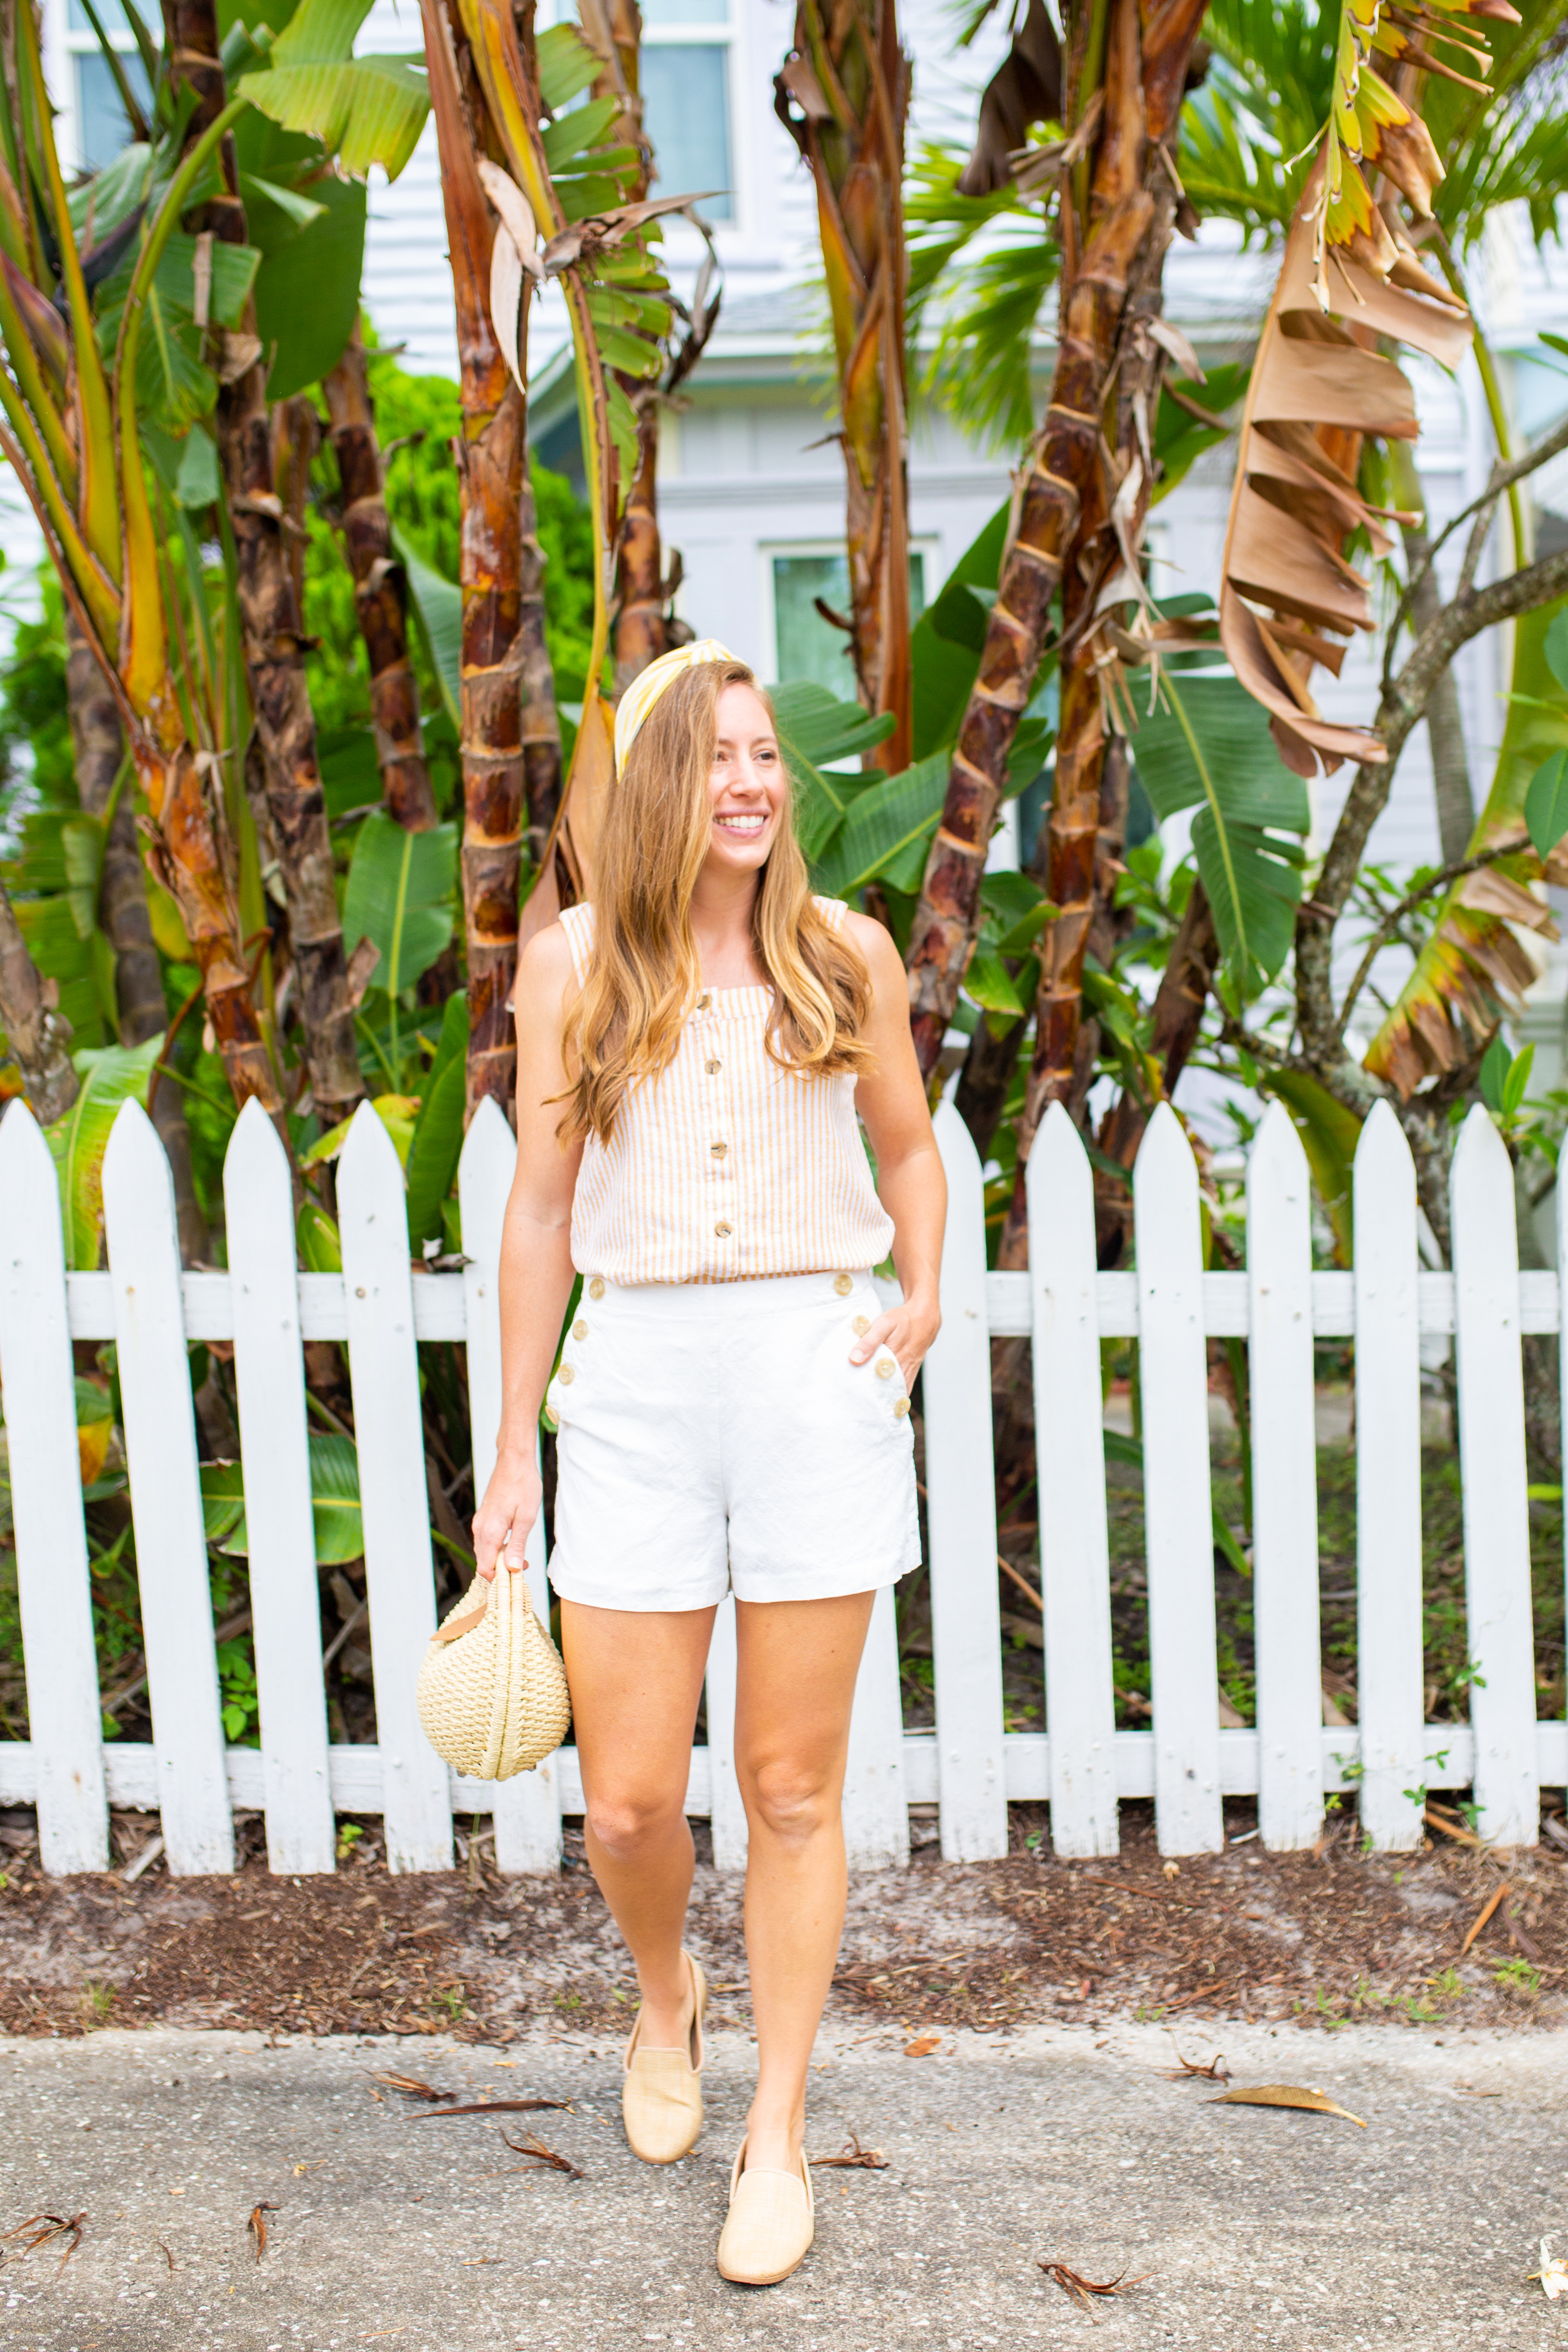 woman wearing Lightweight Tops for Summer